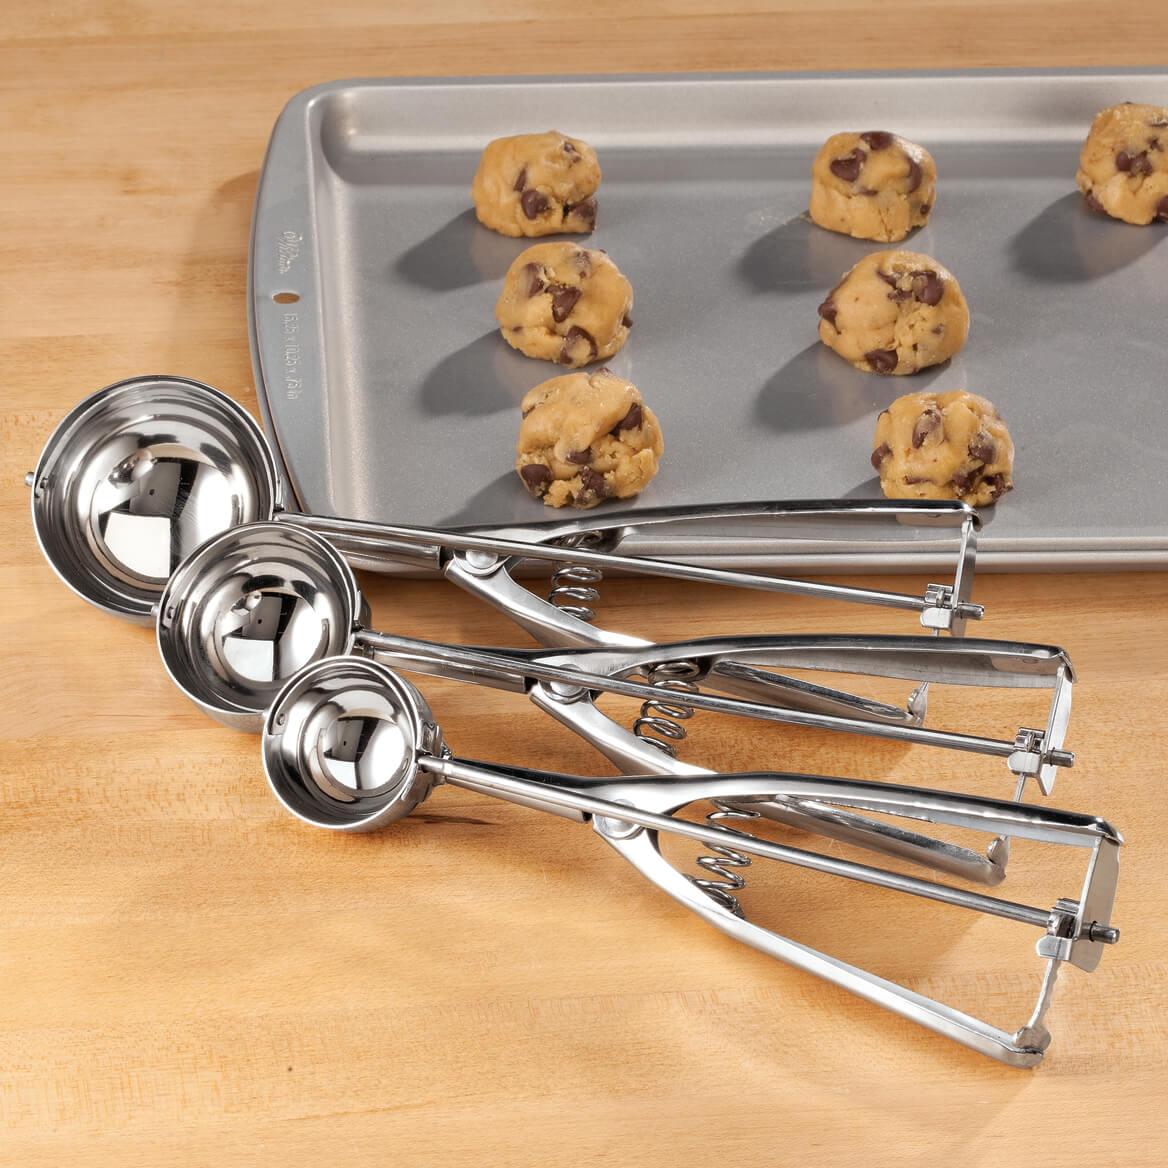 Stainless Steel Cookie Scoop S/3-360438